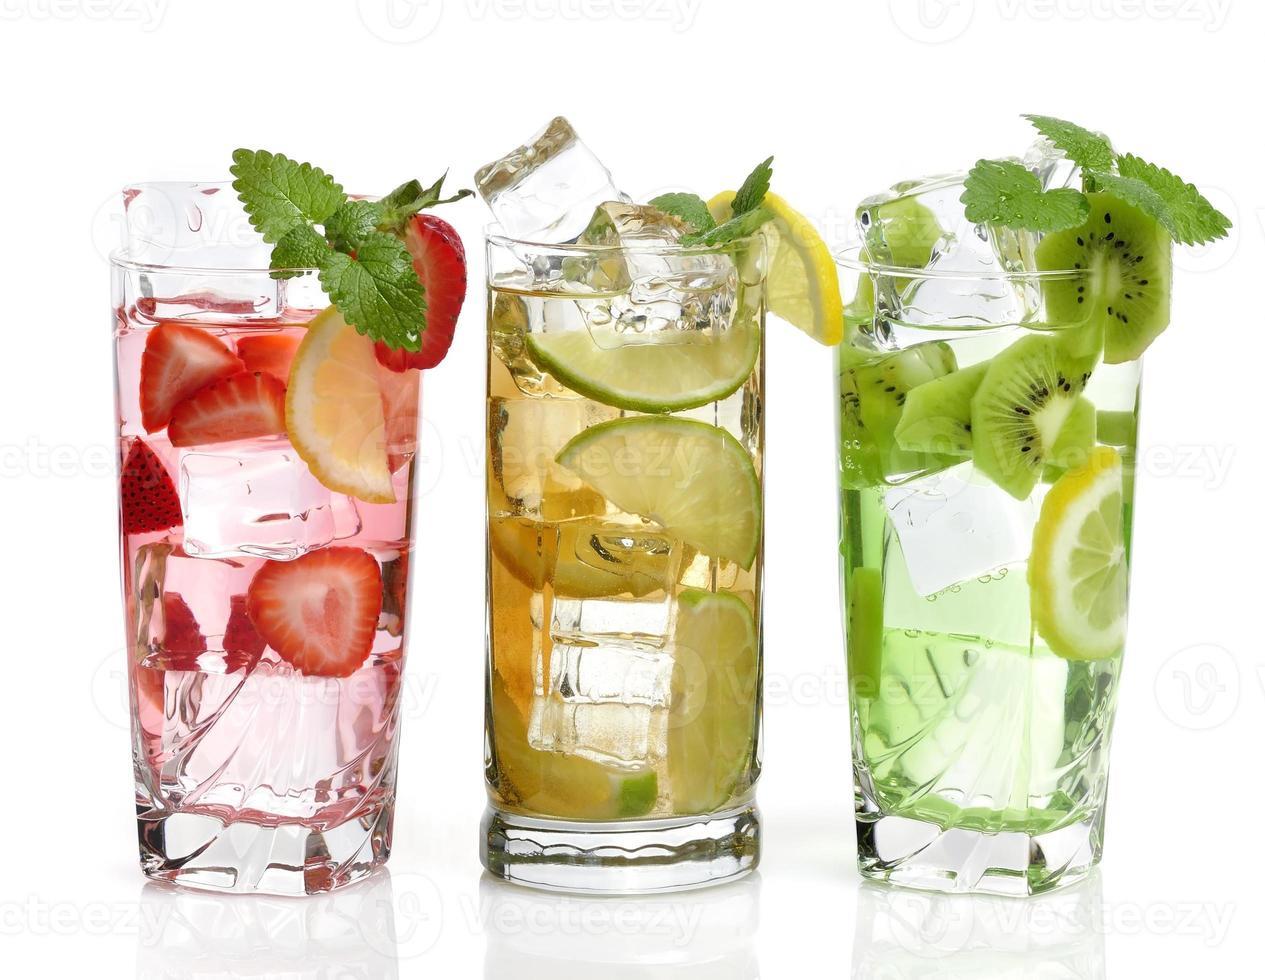 kalla drycker med frukt foto